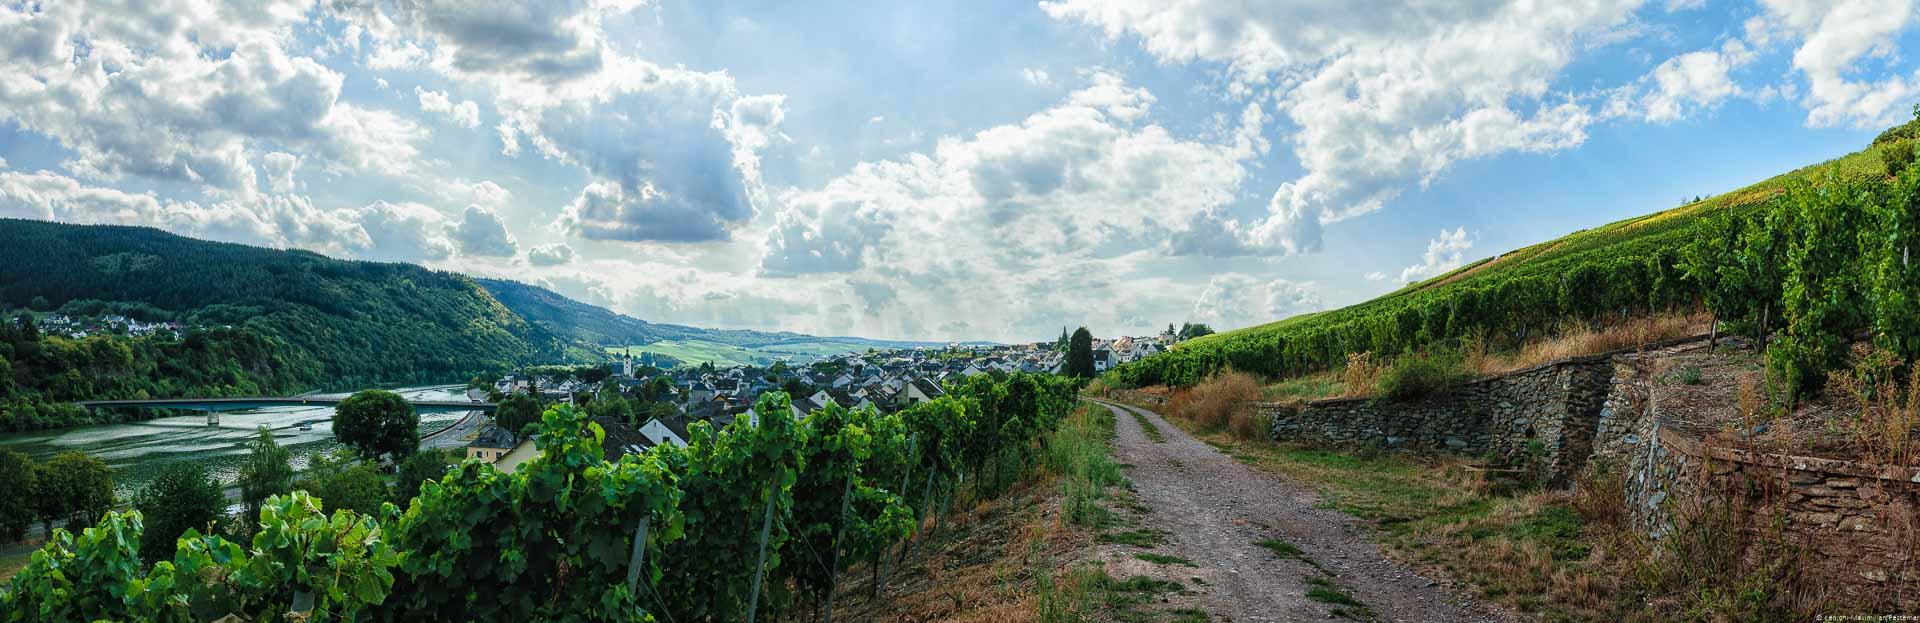 Man blickt auf einen Weg im steilen Weinberg Mehringer Blattenberg. Dahinter erkennt man das Dorf Mehring am linken Ufer des Flusses Mosel. Der blauen Himmel ist leicht bewölkt.